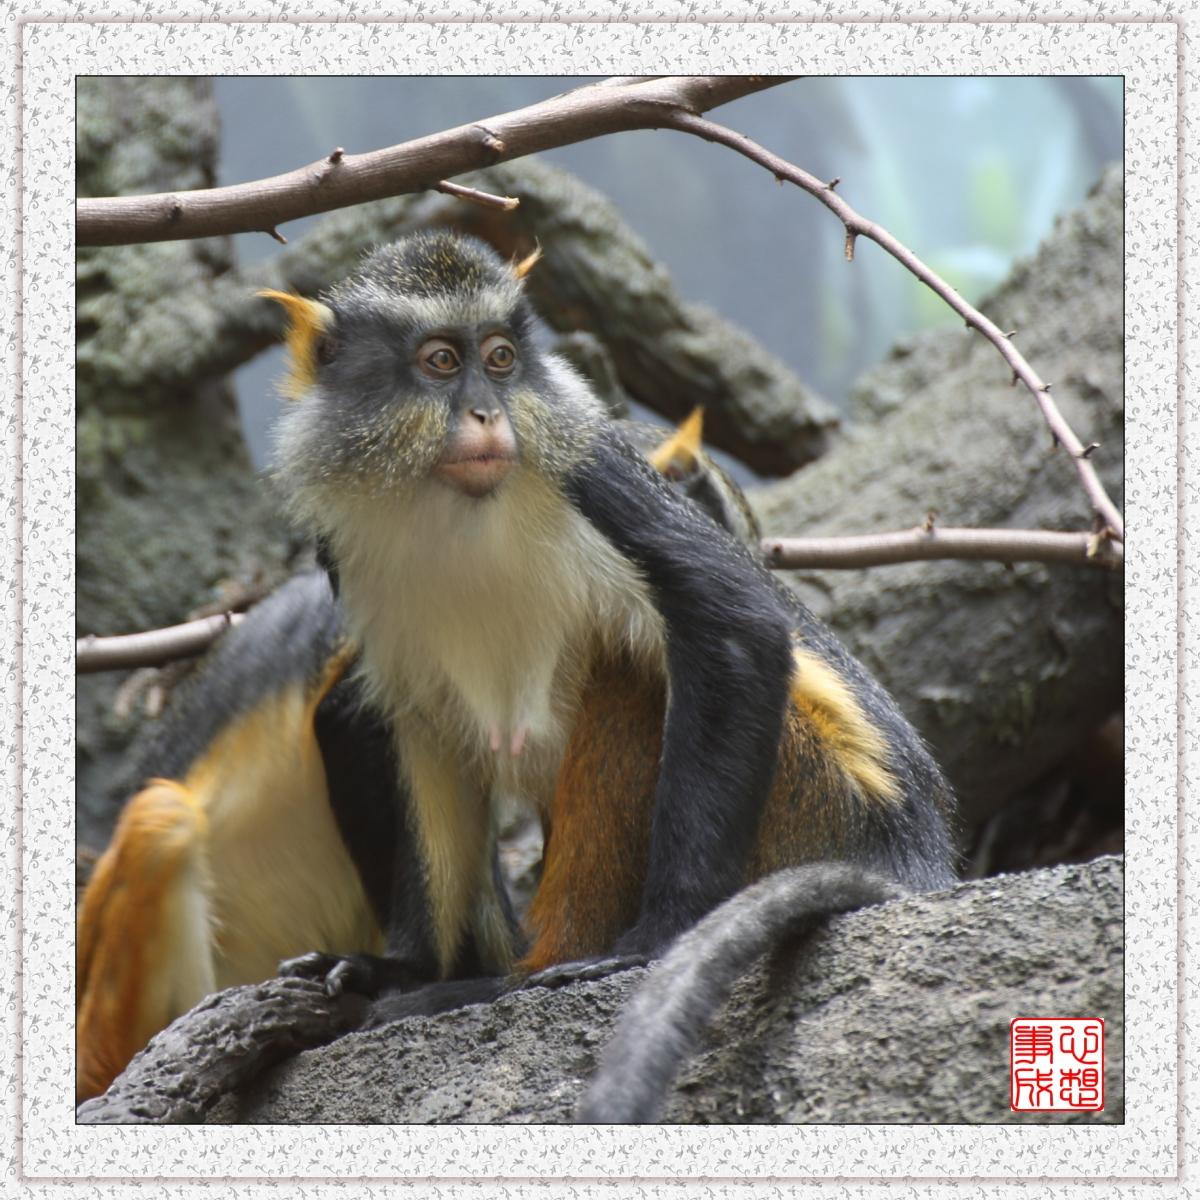 【心想事成】 人类的祖先?BRONX 动物园随拍_图1-12